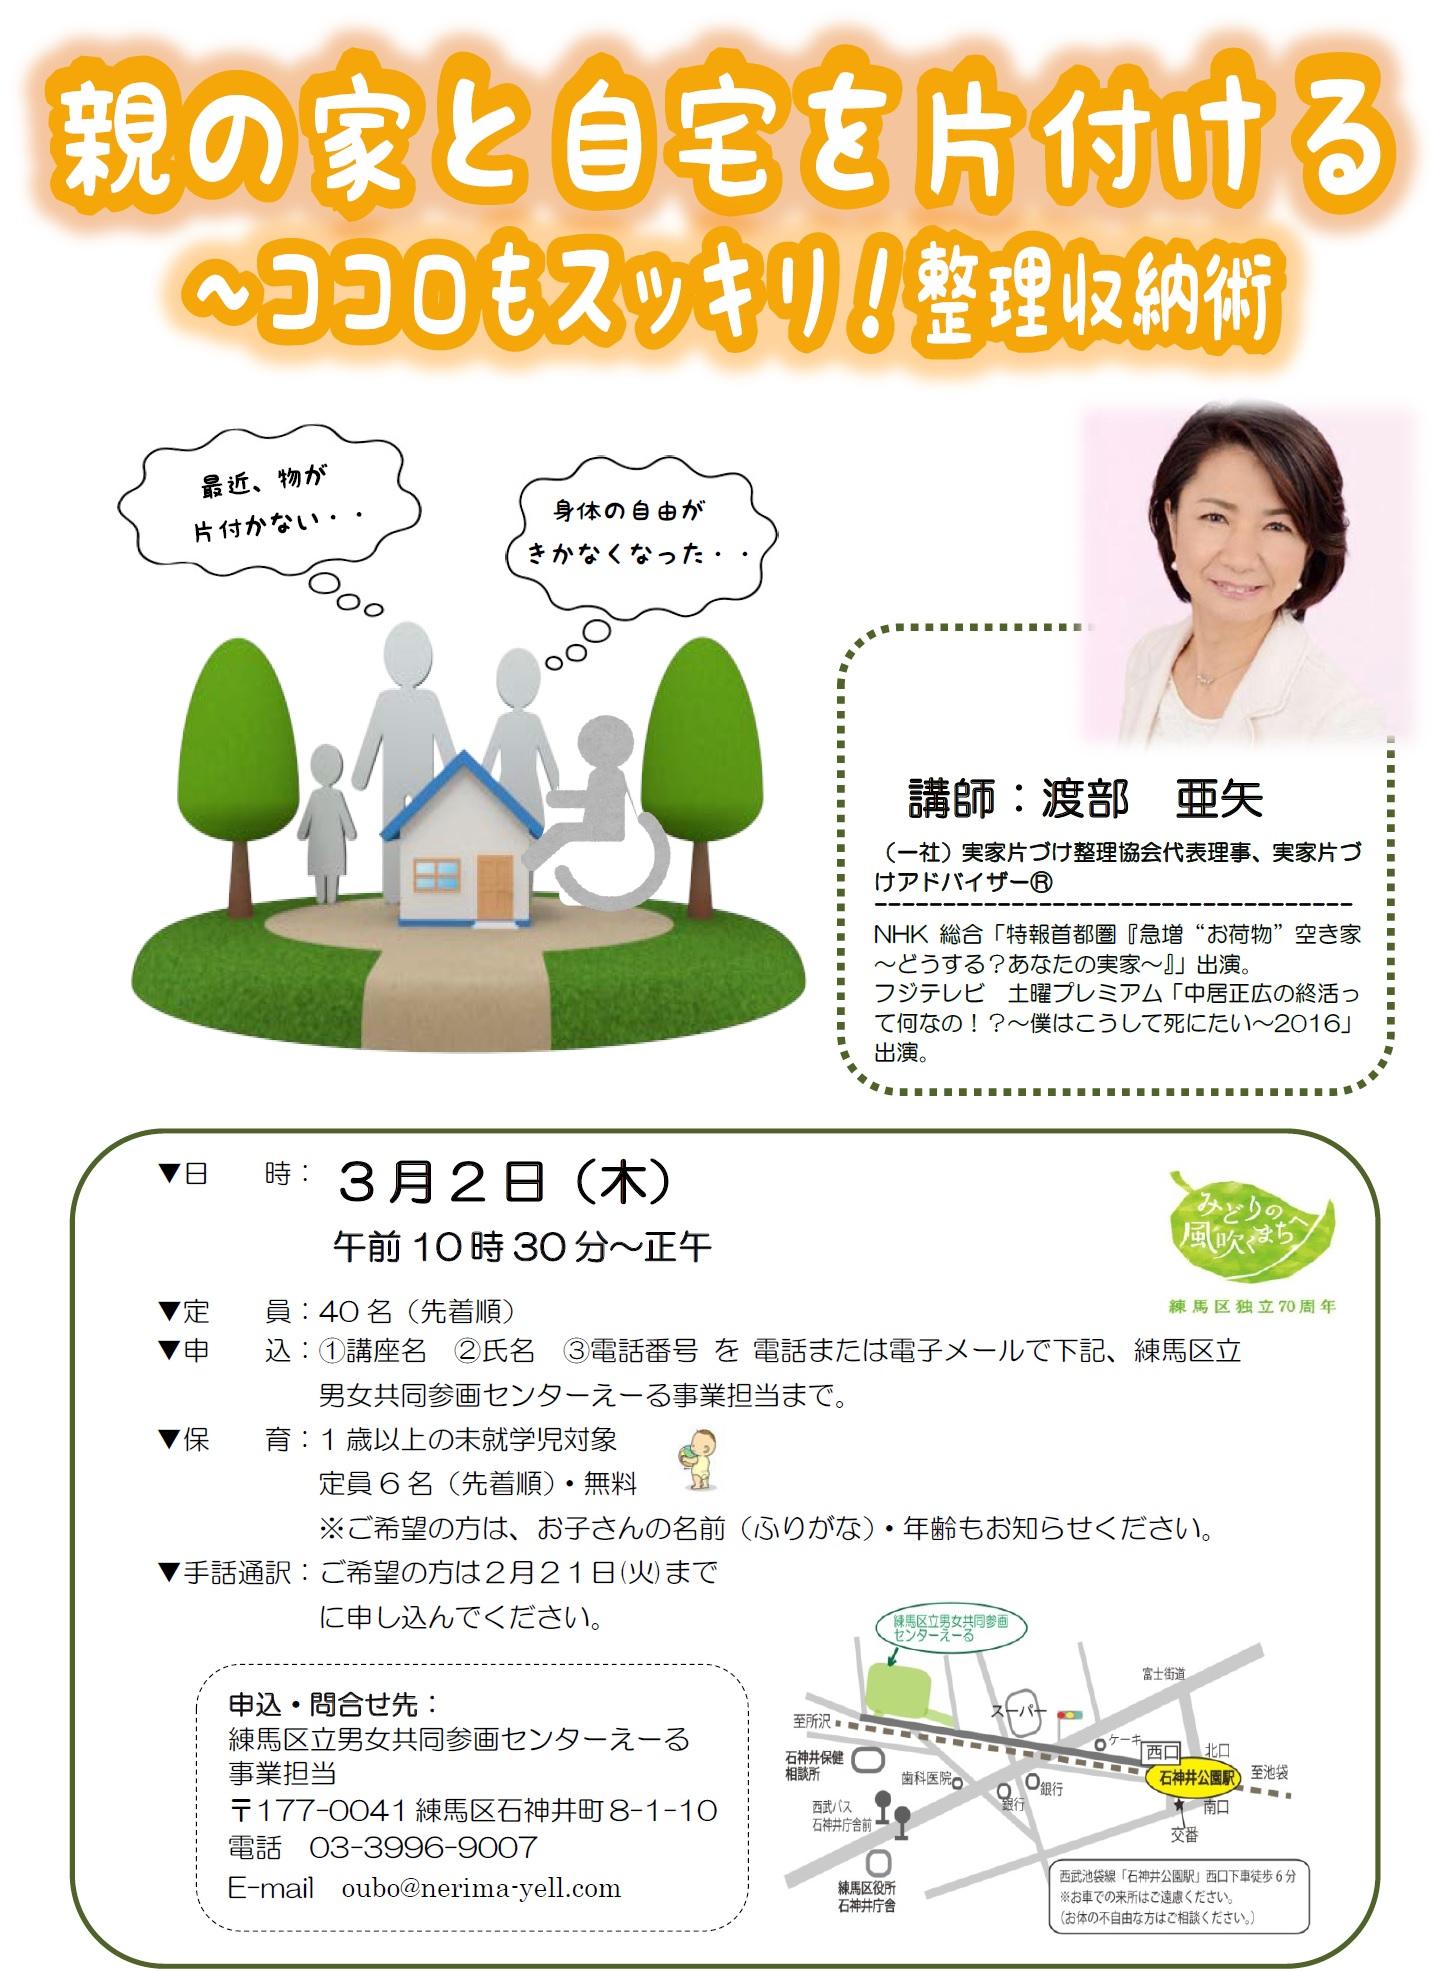 【石神井公園・無料】親の家と自宅を片付ける~ココロもスッキリ!整理収納術~